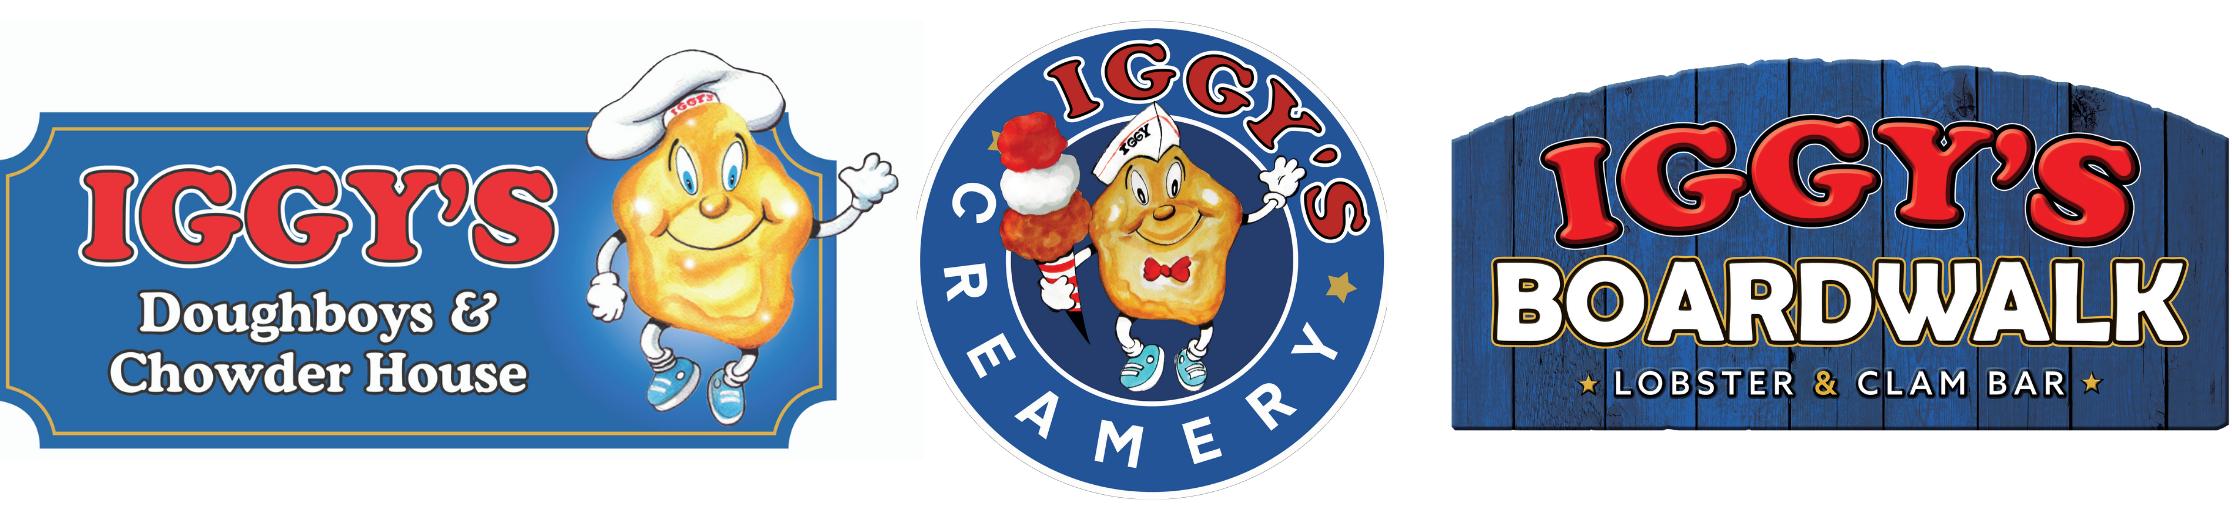 Iggy's Brand